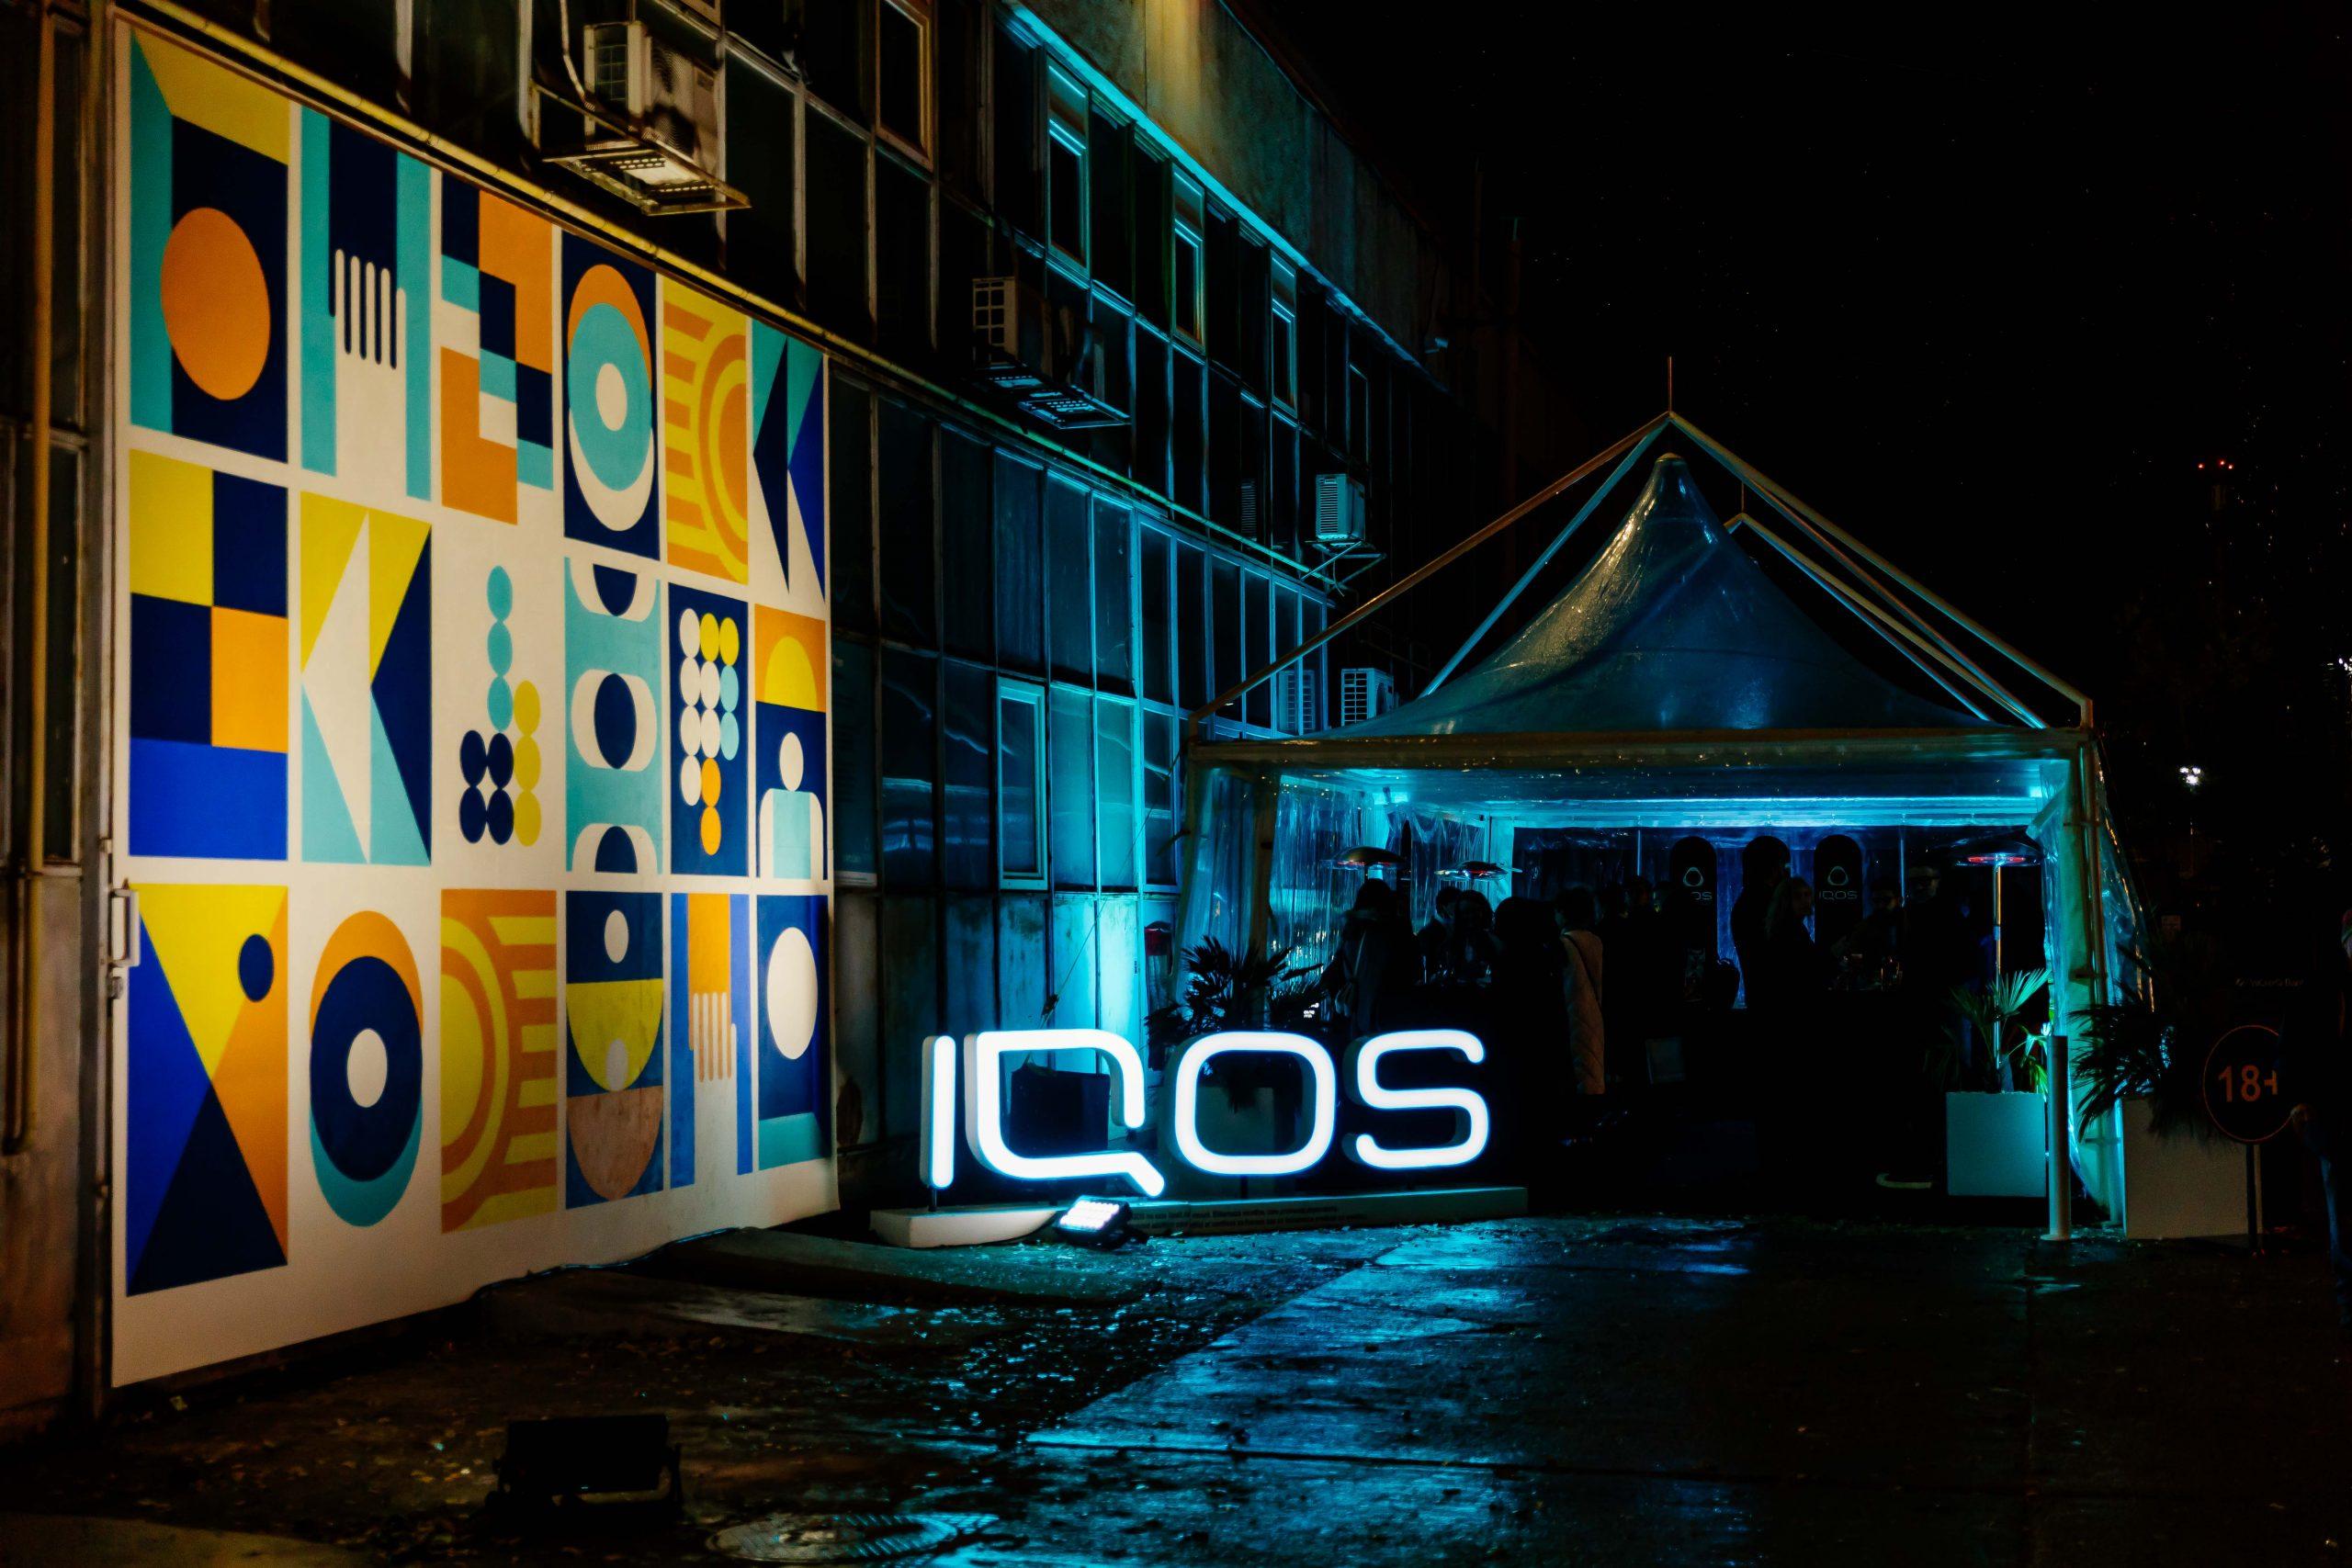 IQOS susține două proiecte creative sub umbrela Together We Art în cadrul festivalului DIPLOMA